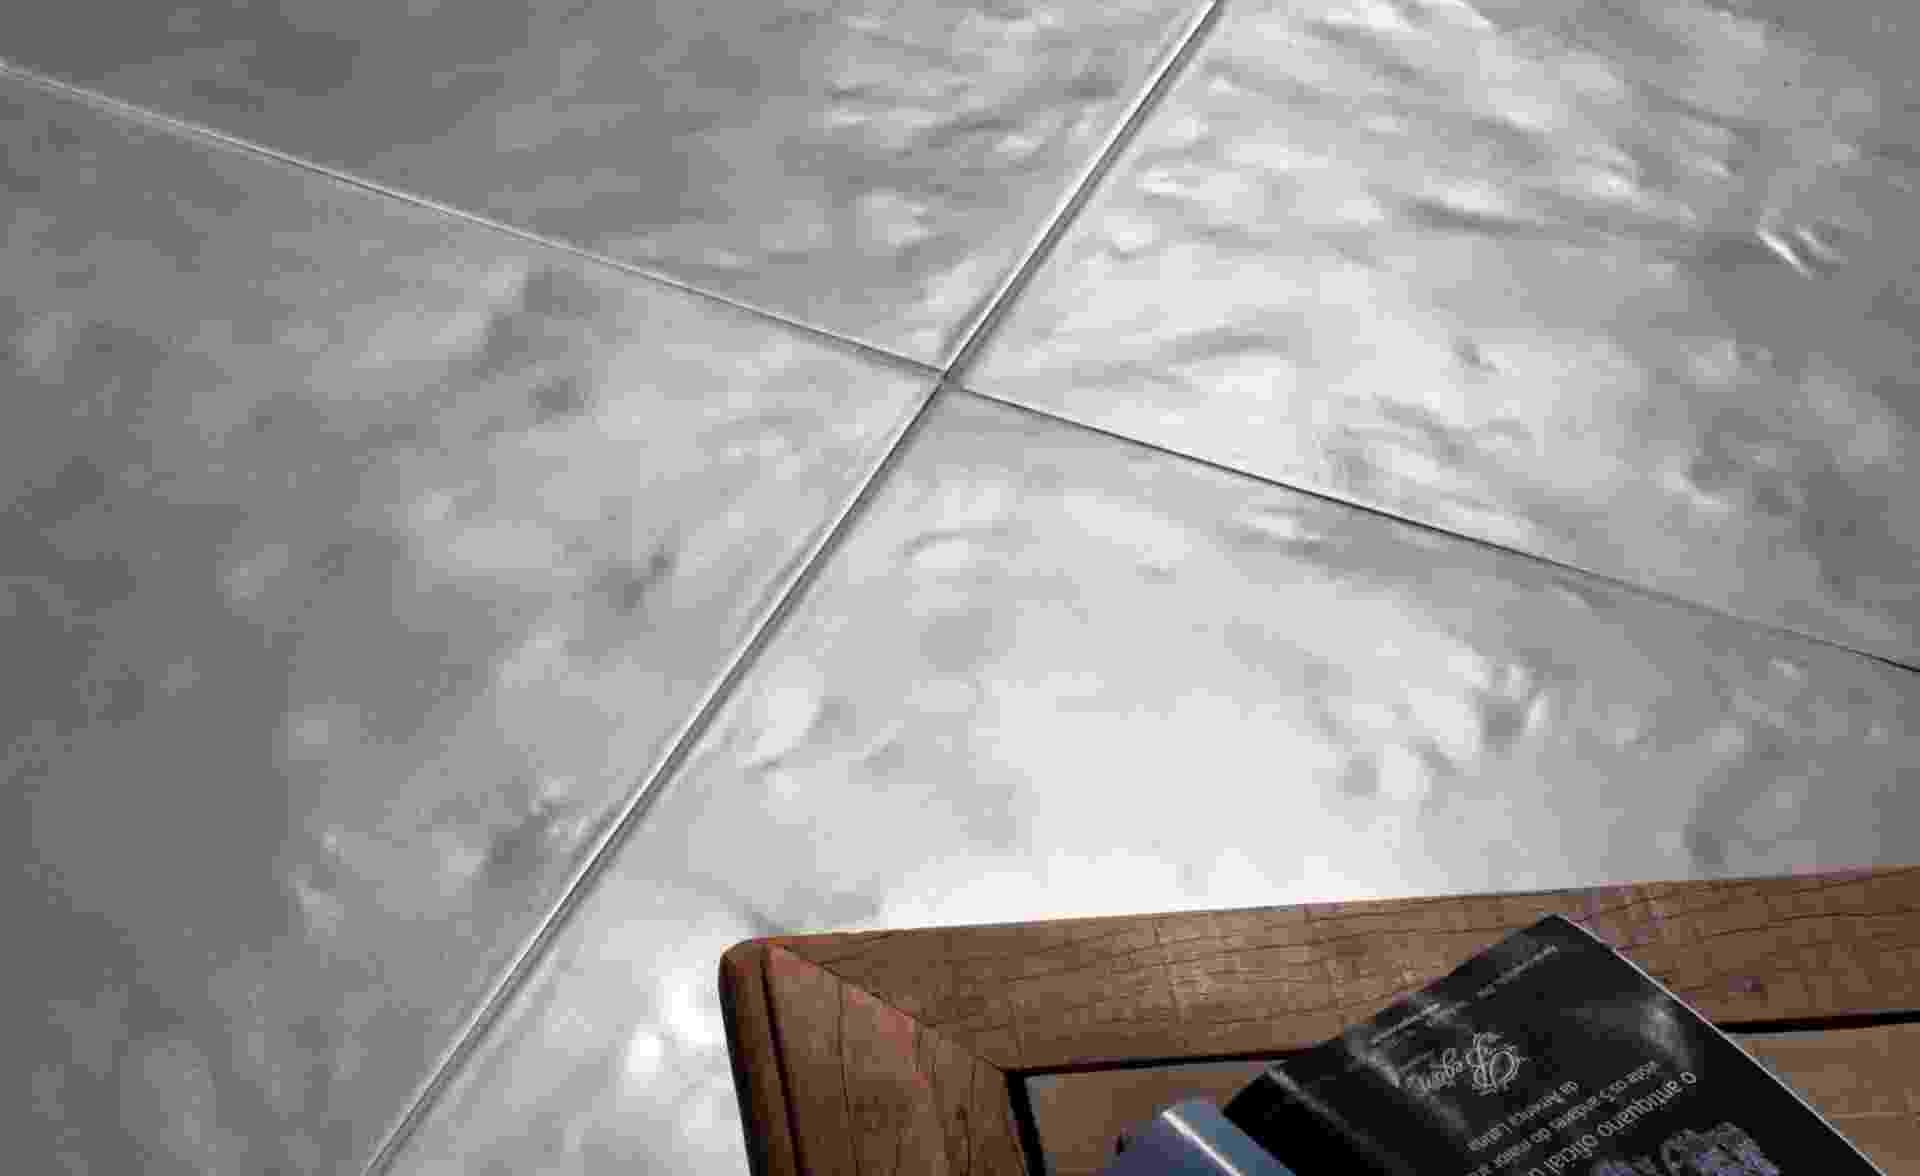 Da Solarium Revestimentos (www.solariumrevestimentos.com.br), o revestimento cimentício Basic Forzato garante o efeito do concreto alisado feito em obra. A peça mede 1 m por 1 m e o produto é vendido por R$ (m²) I Preços pesquisados em novembro de 2012 e sujeitos a alterações - Divulgação